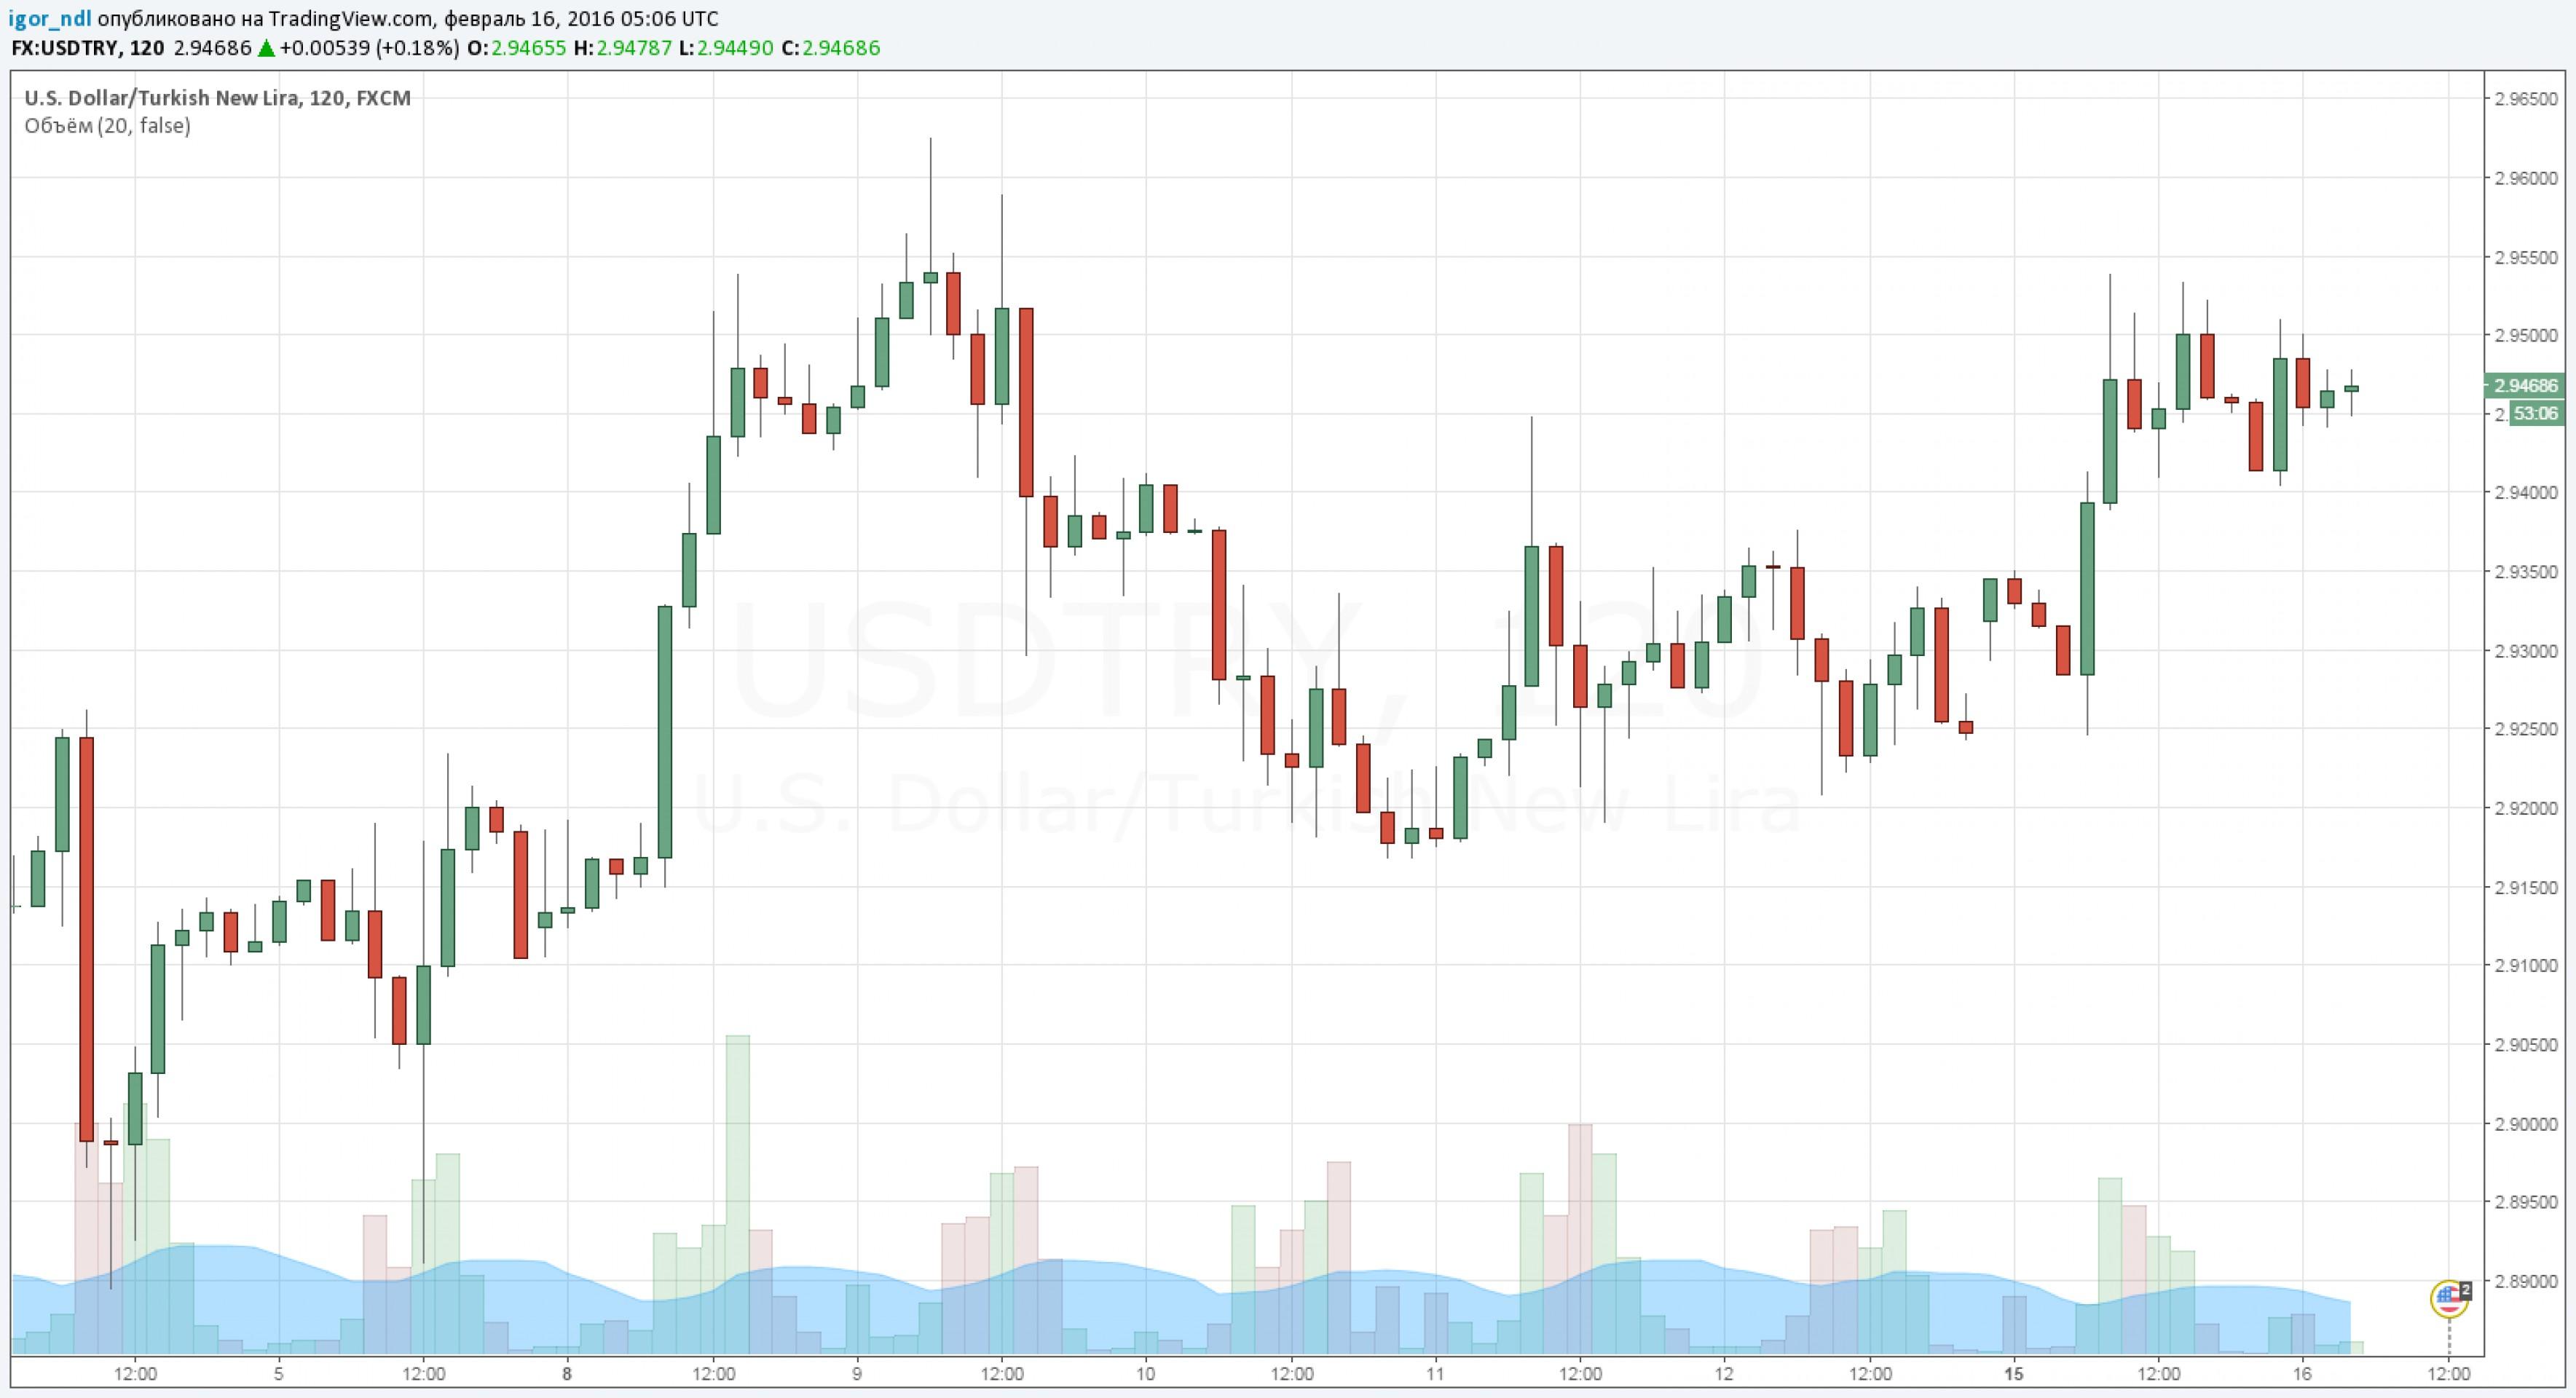 Инвесторы выходят из турецкого рынка